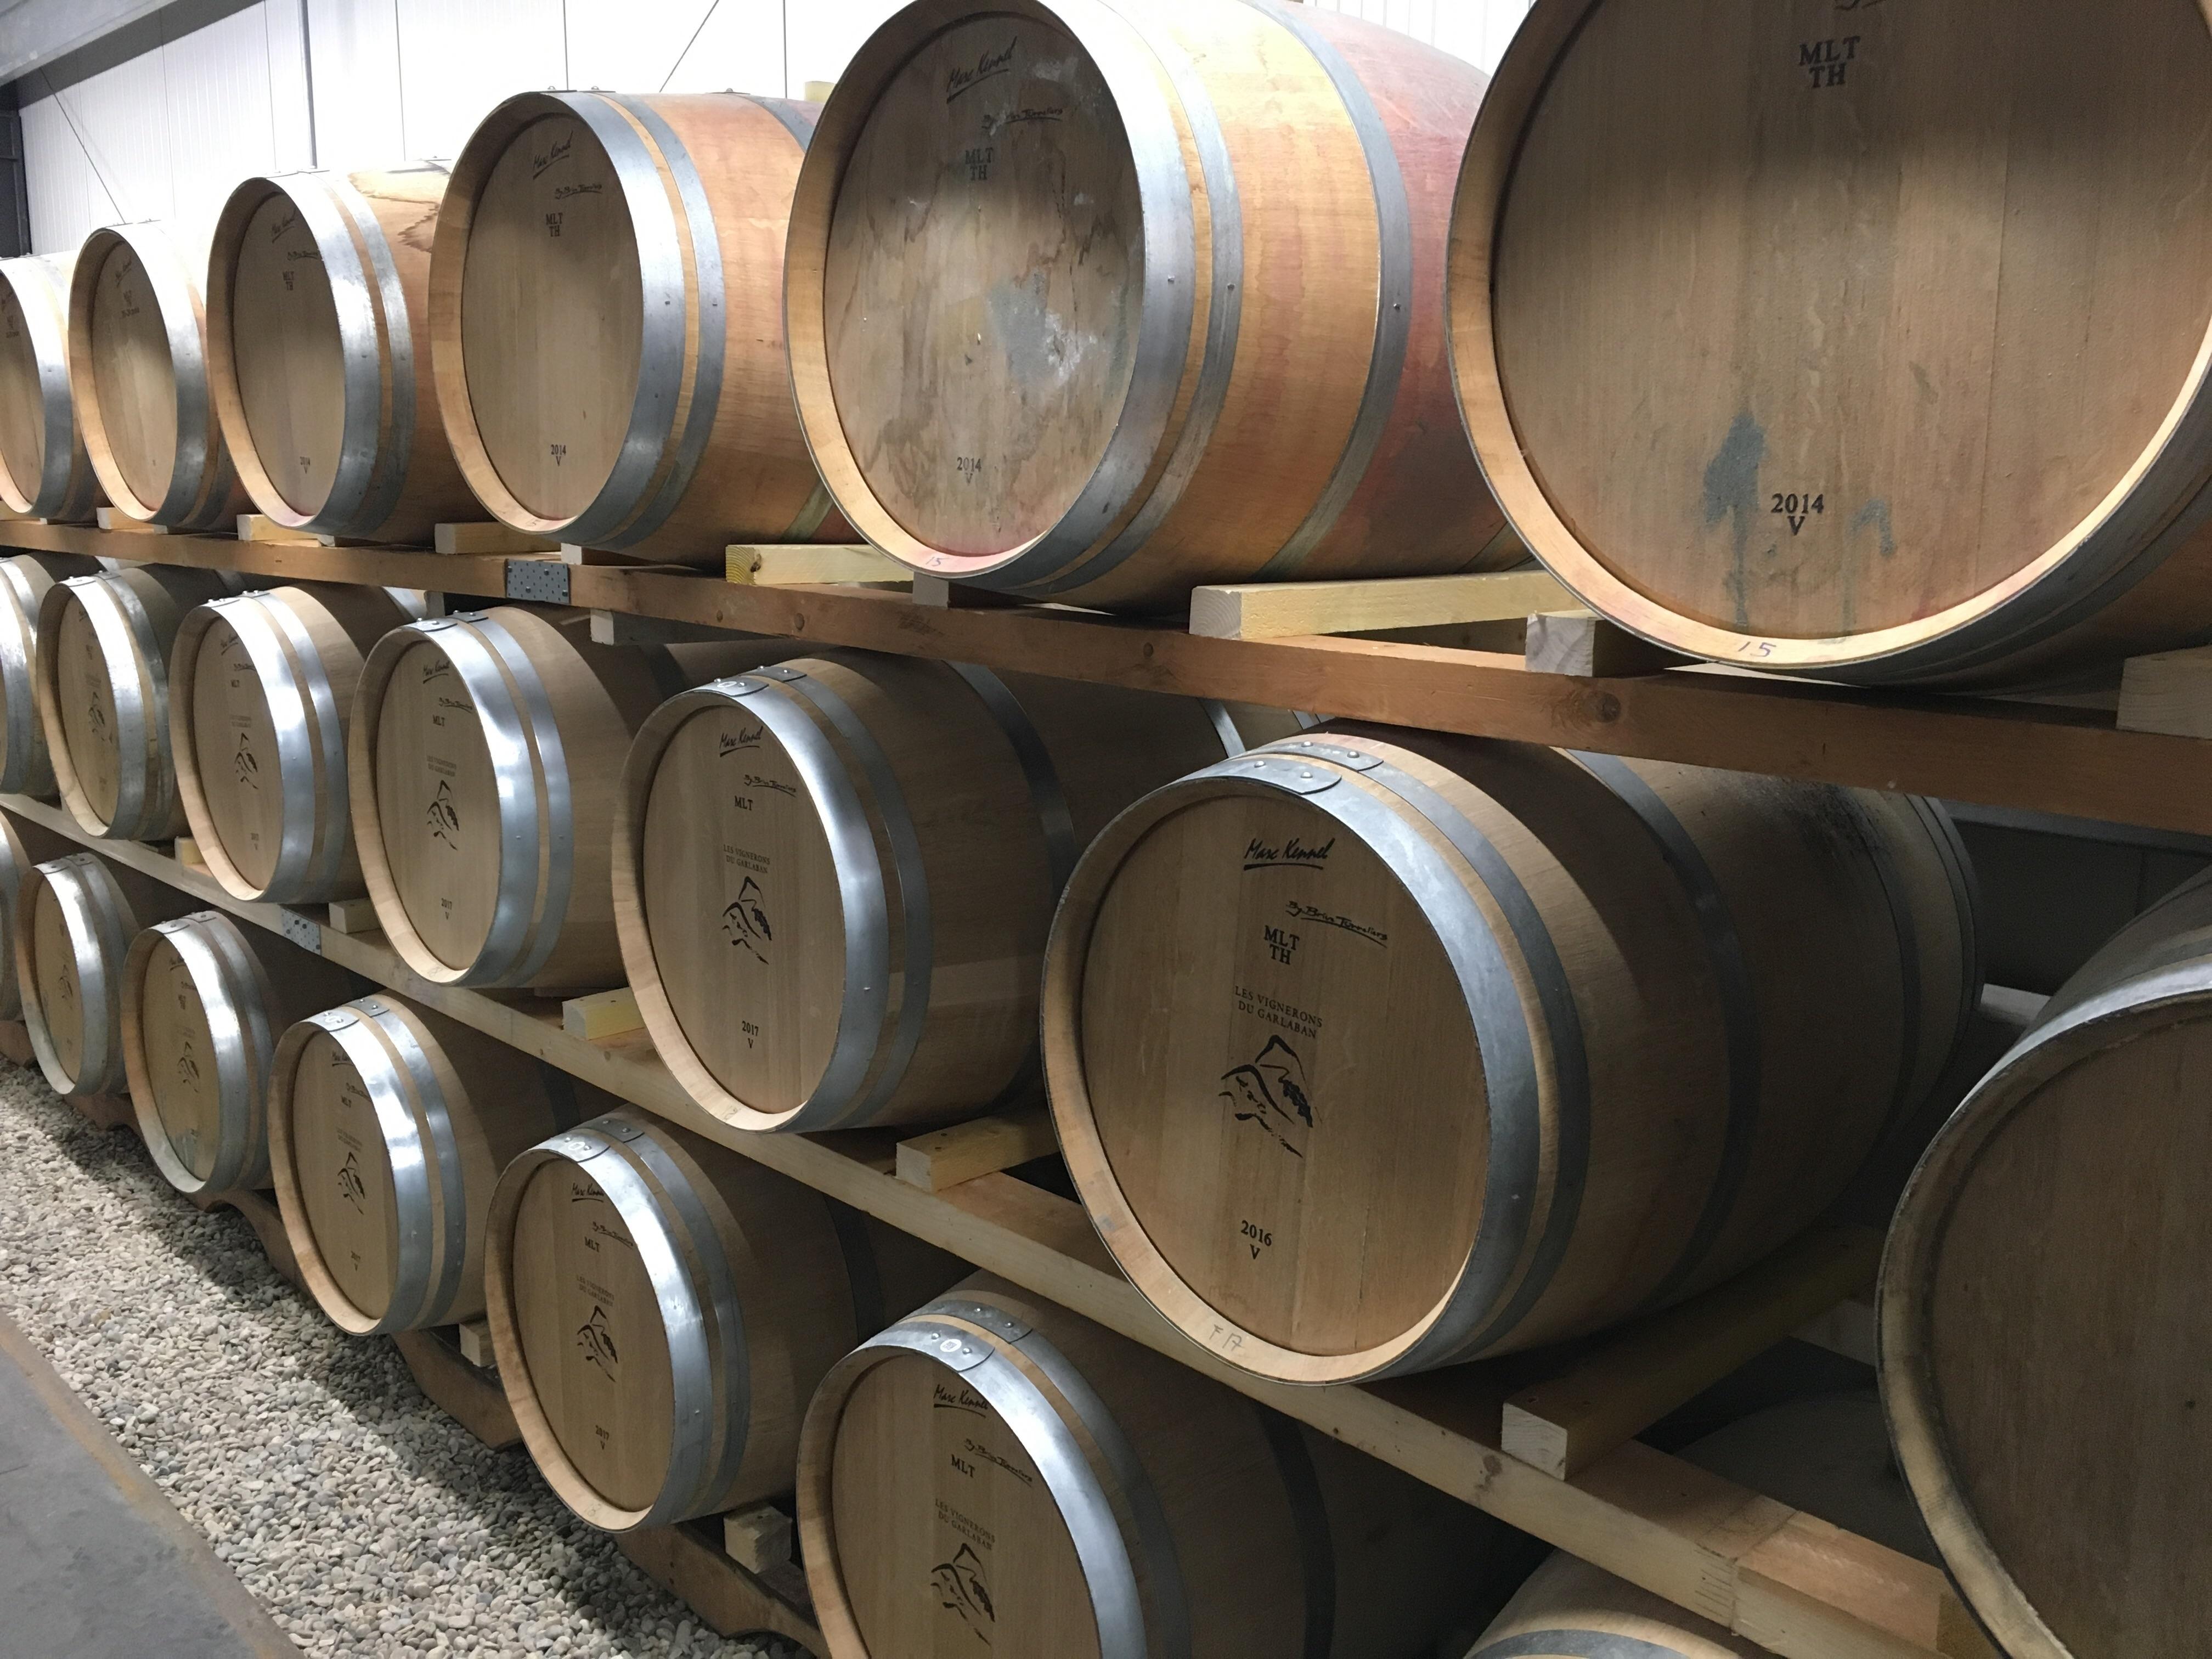 Perpétuer l'histoire viticole